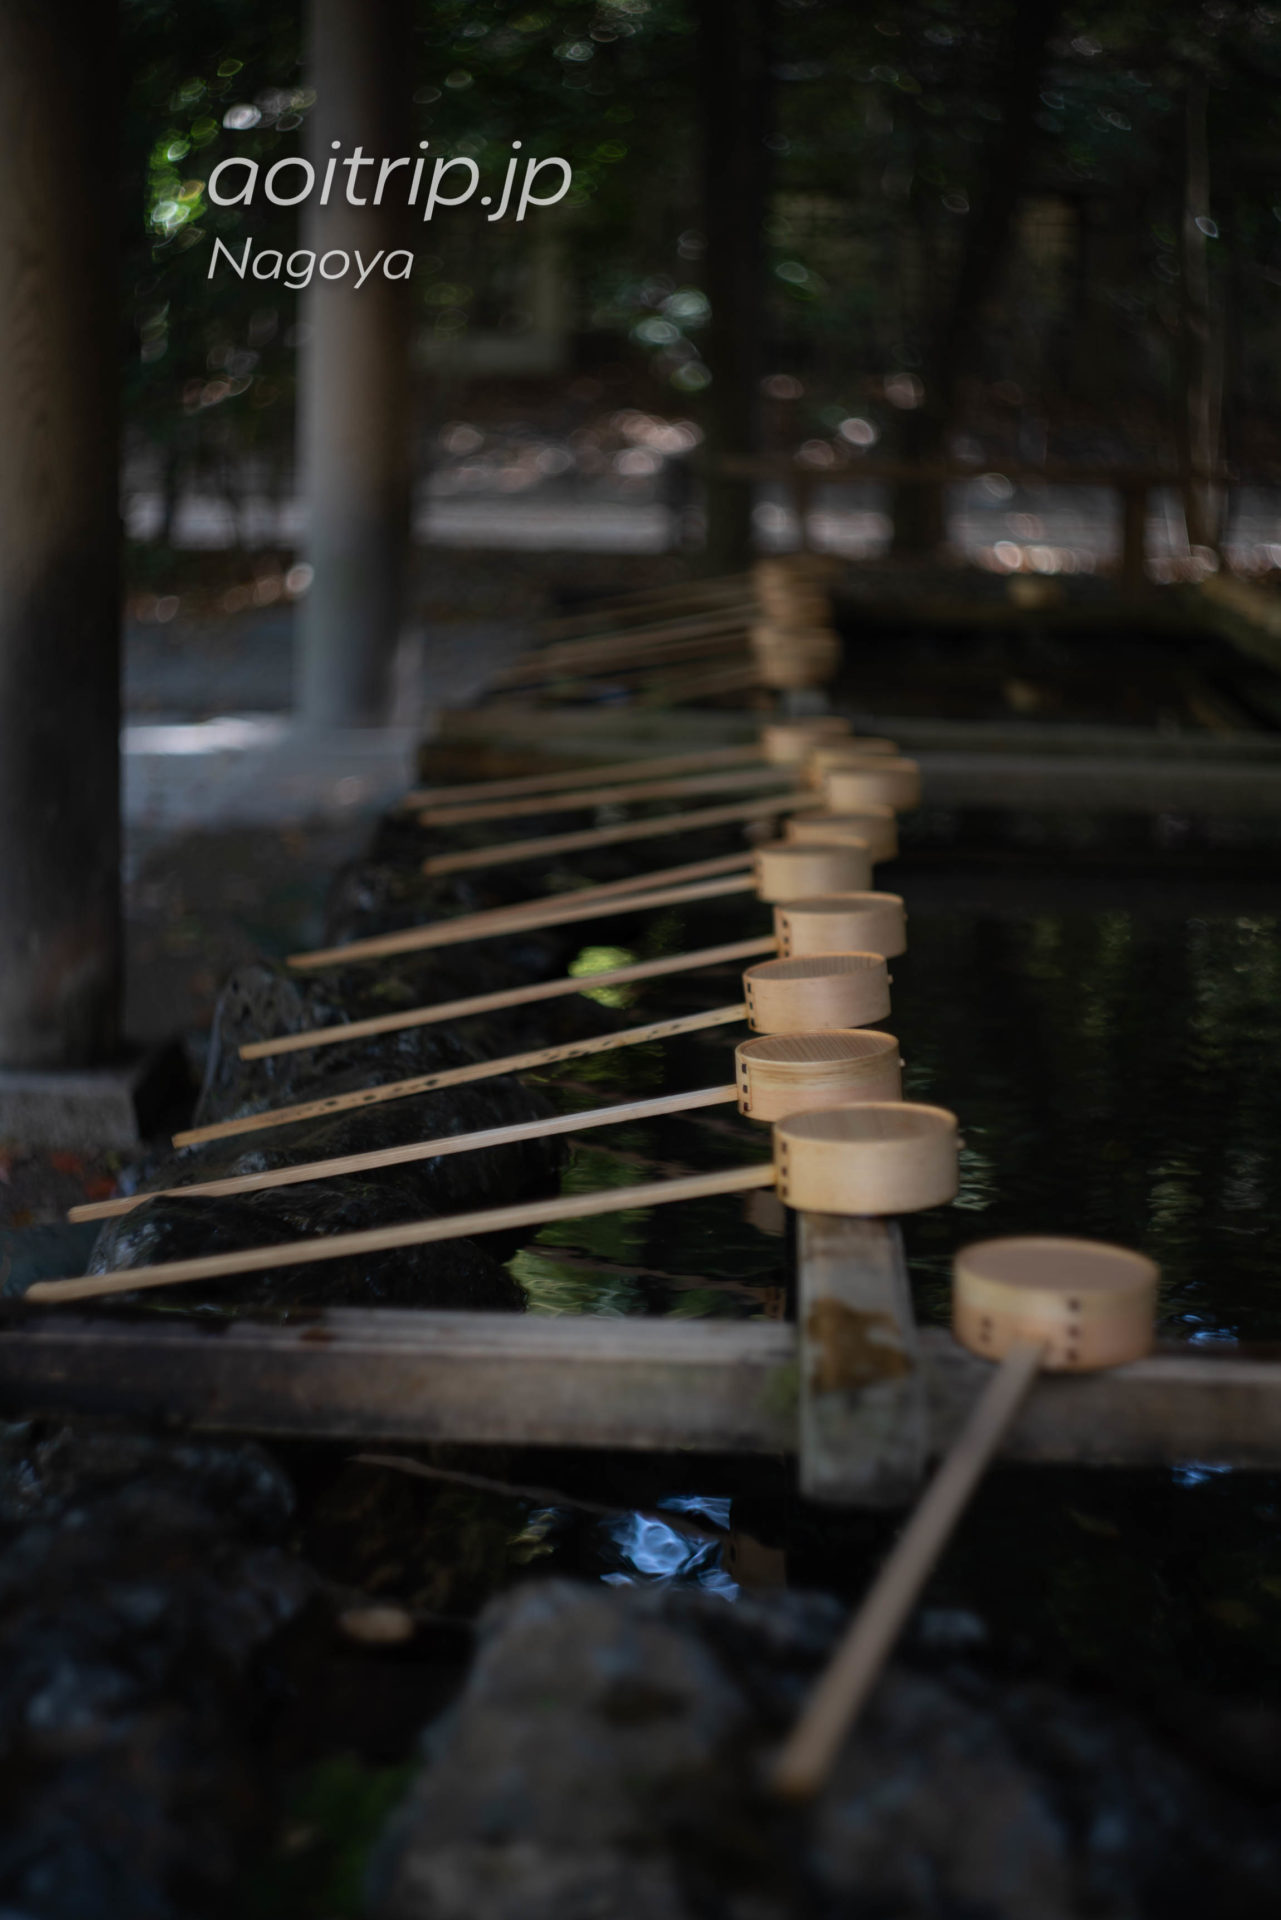 熱田神宮 Atsuta Jingu Shrine 手水舎 Chozusha